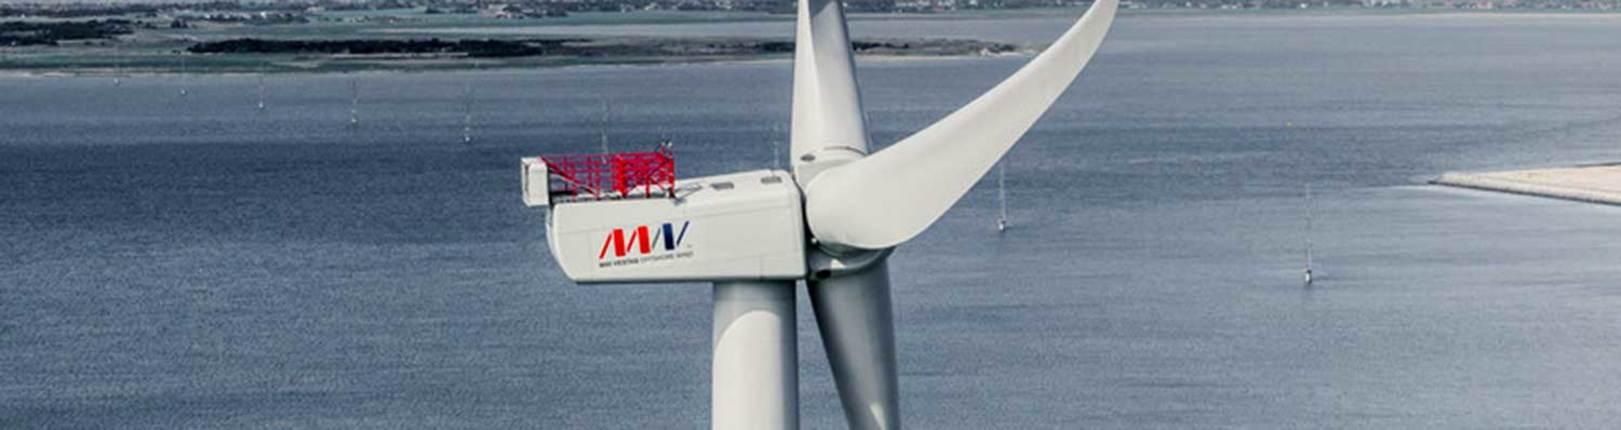 Mhi vestas v164 wind turbine